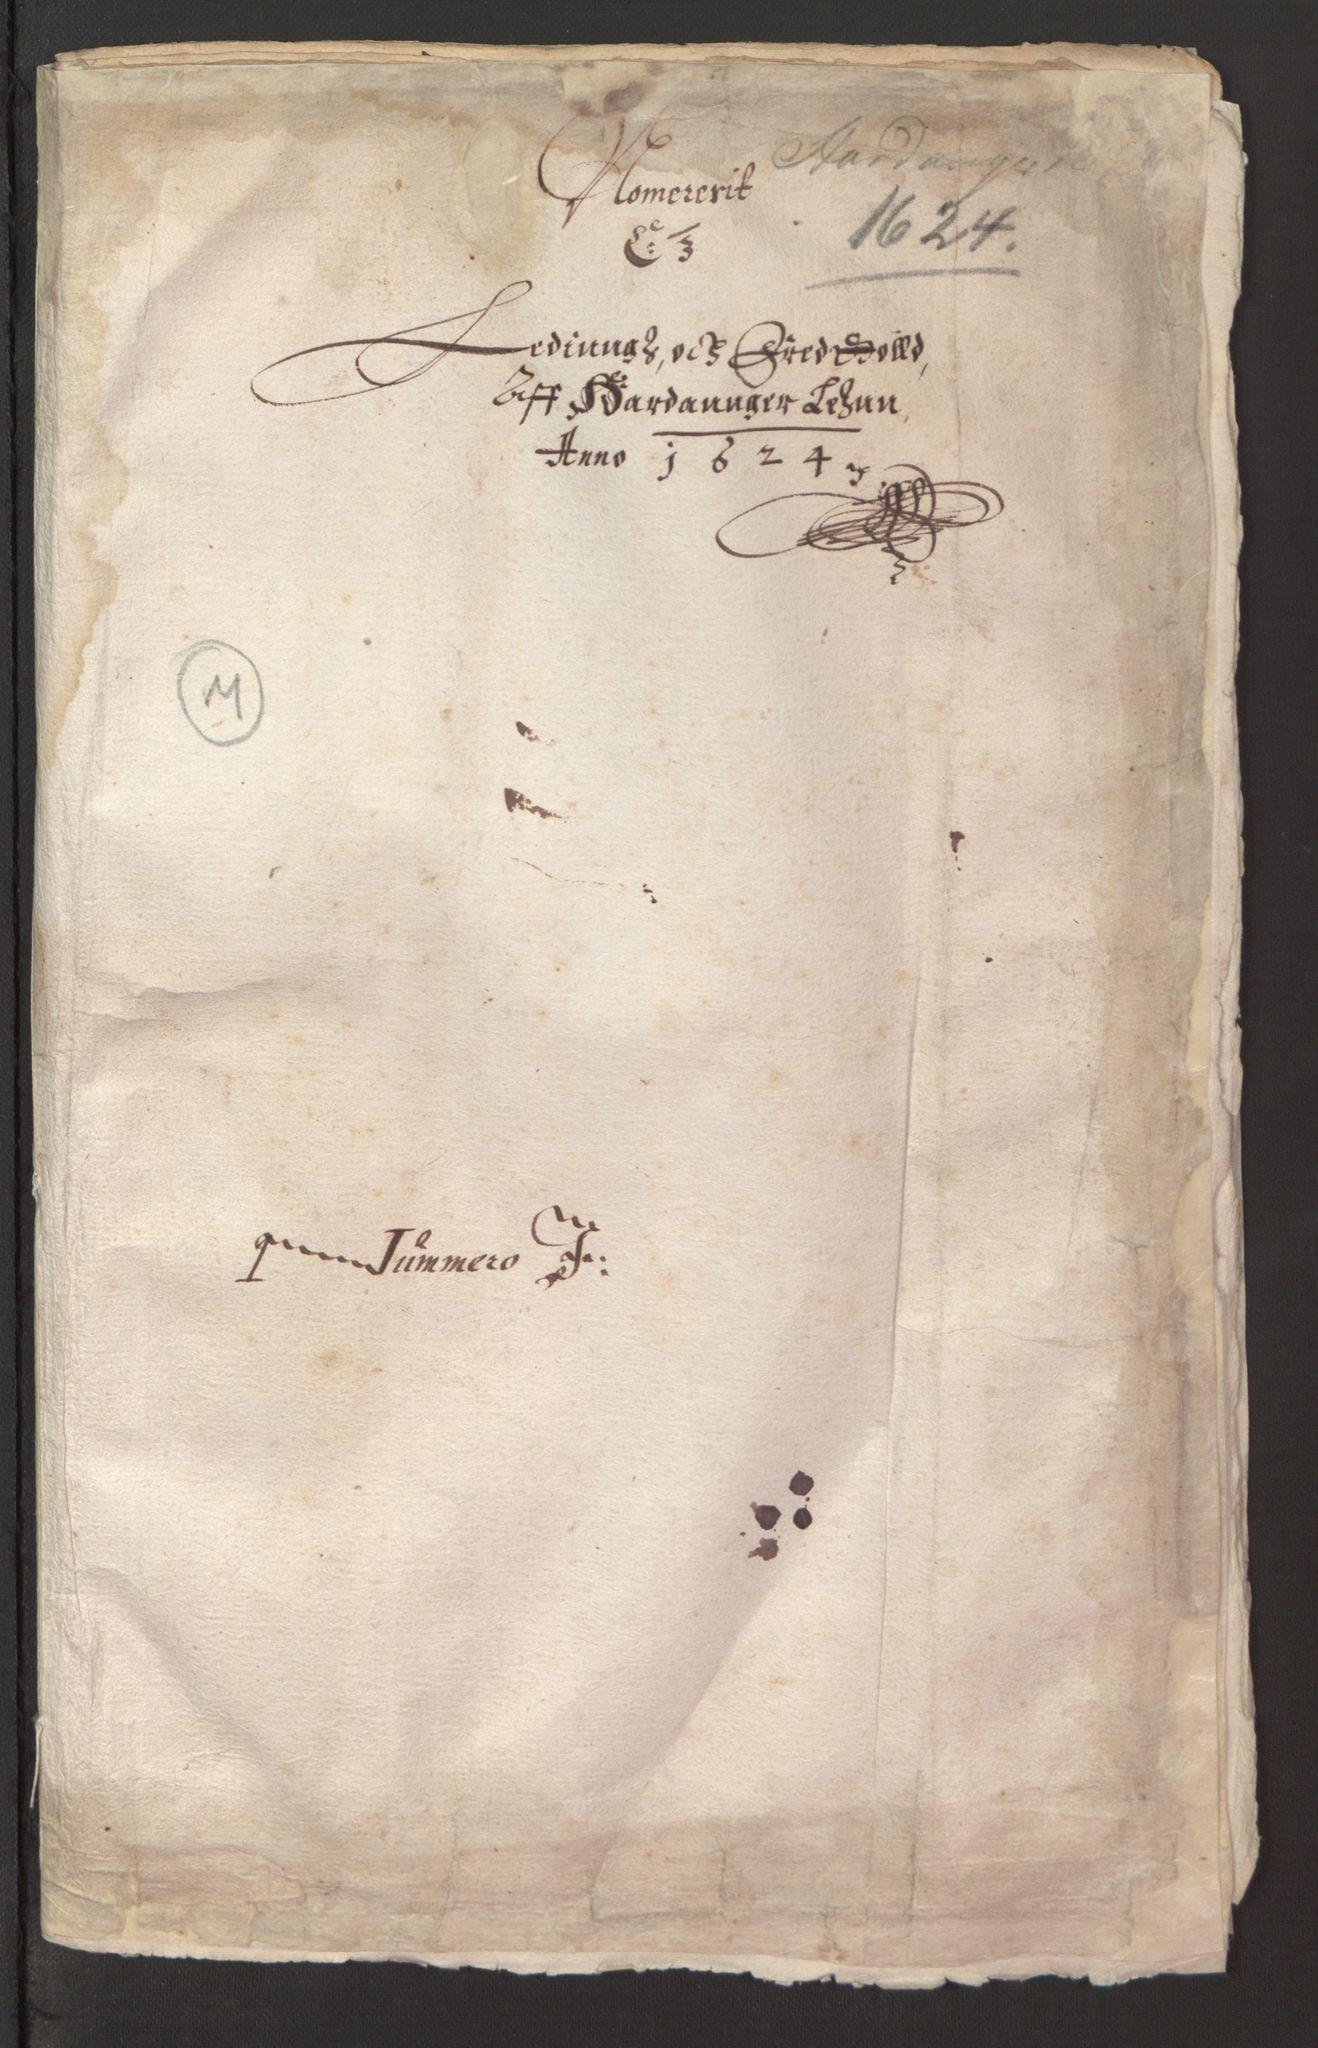 RA, Stattholderembetet 1572-1771, Ek/L0003: Jordebøker til utlikning av garnisonsskatt 1624-1626:, 1624-1625, s. 191